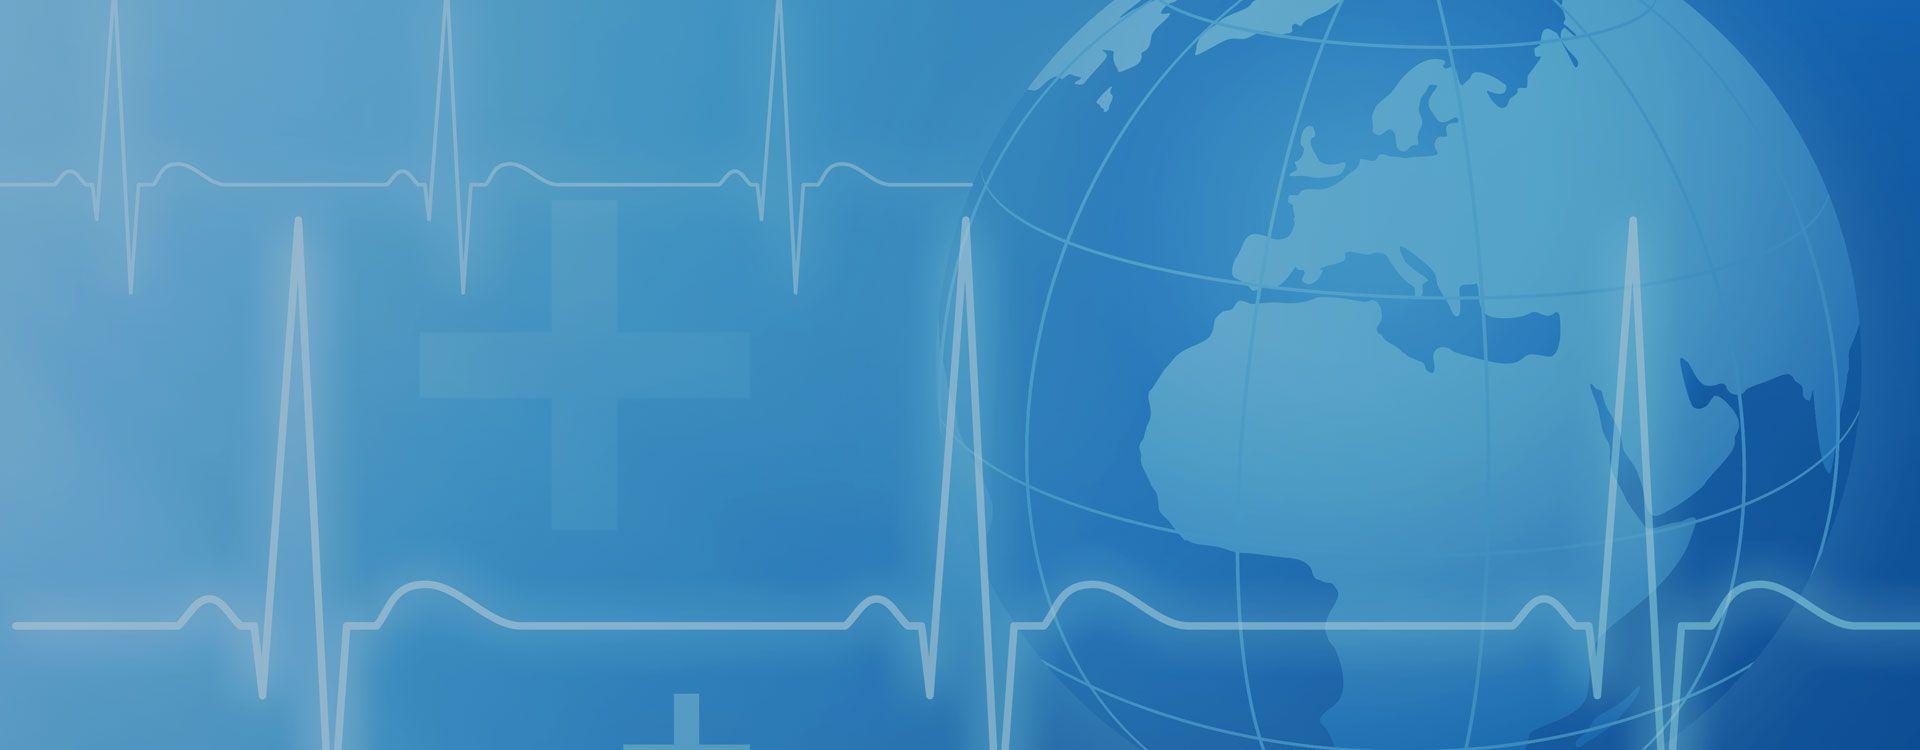 Ameliyathane ve Yoğun Bakım Kurulumu